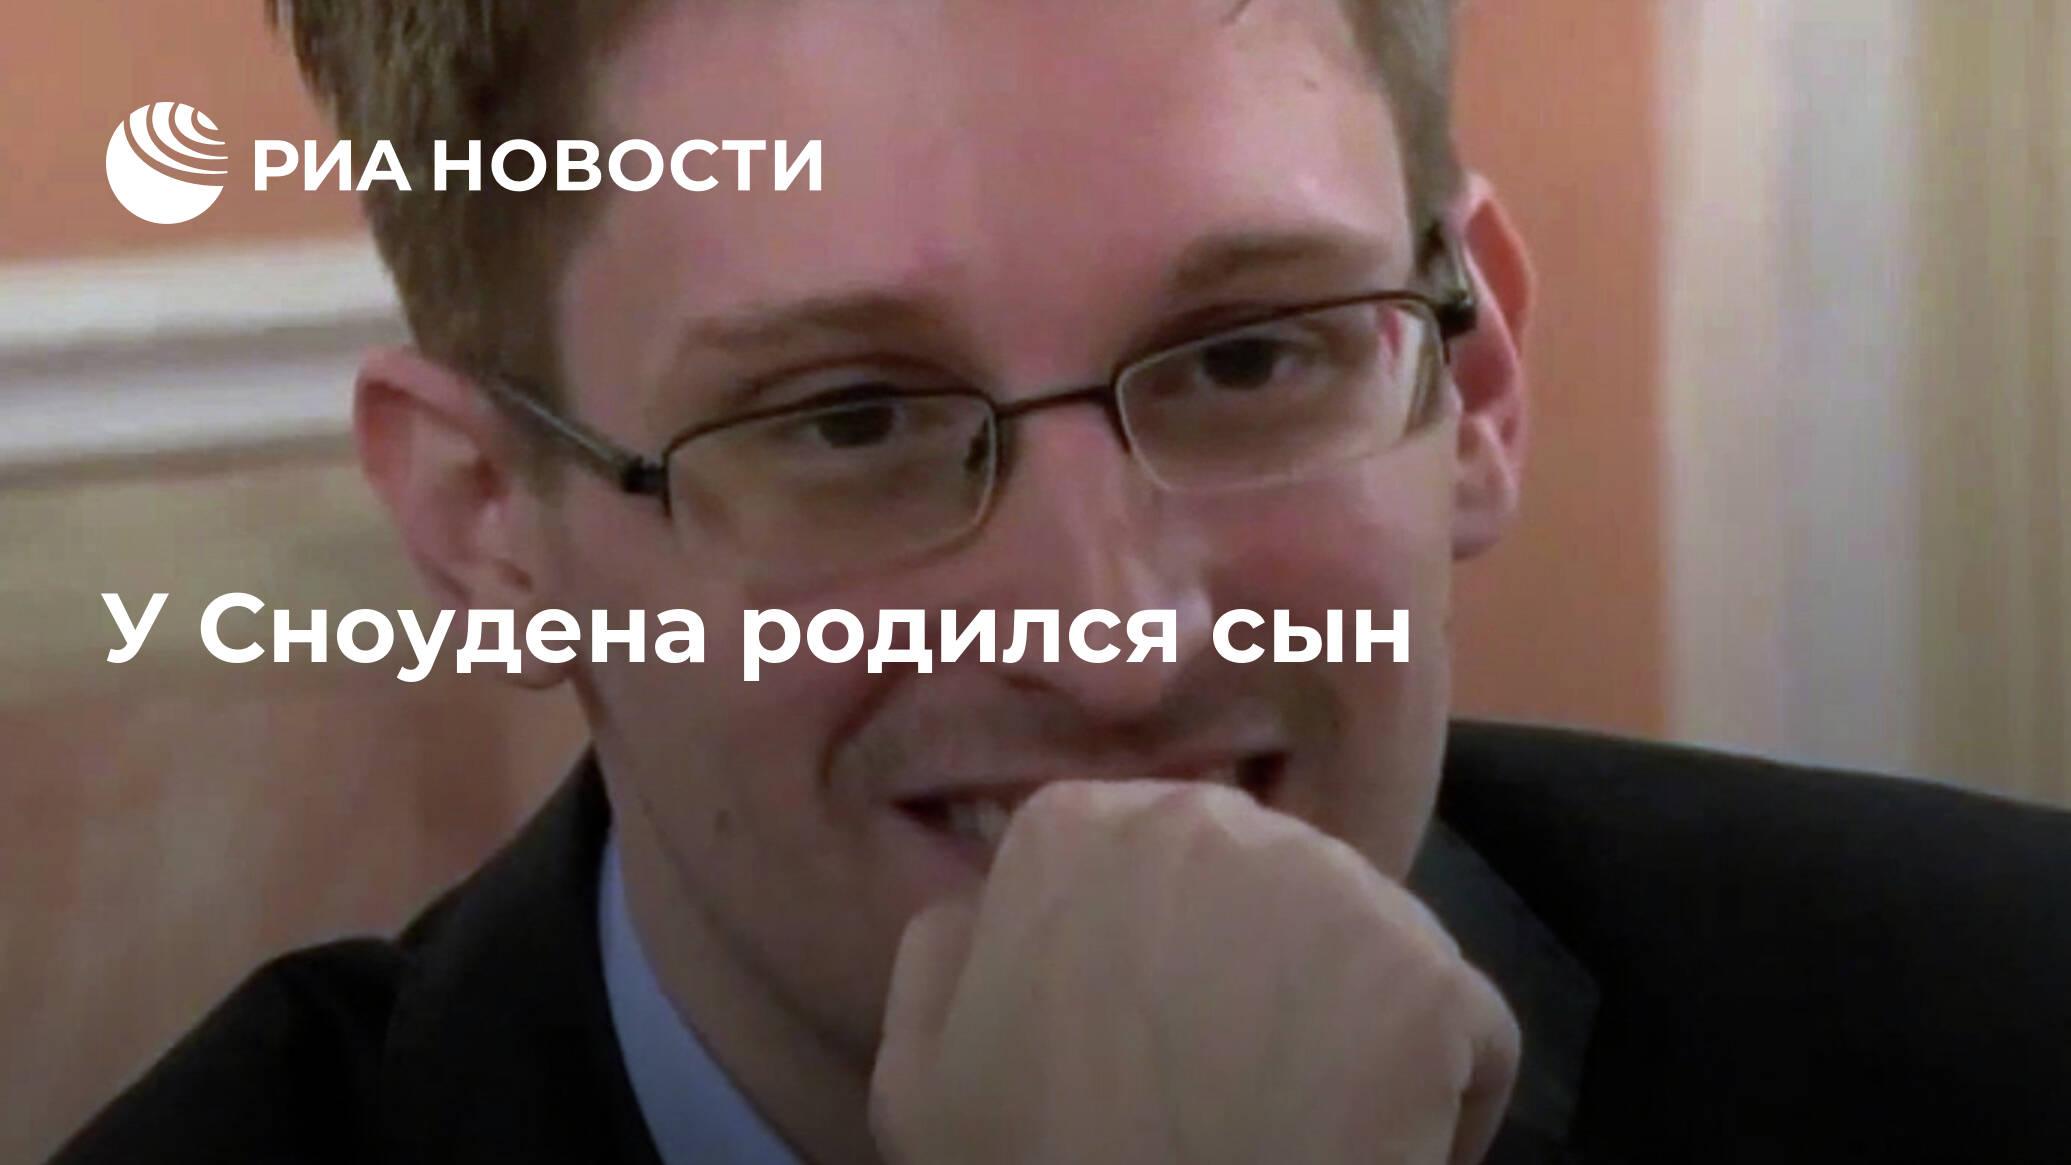 В Сноудена родился сын — РИА Новости, 26.12.2020